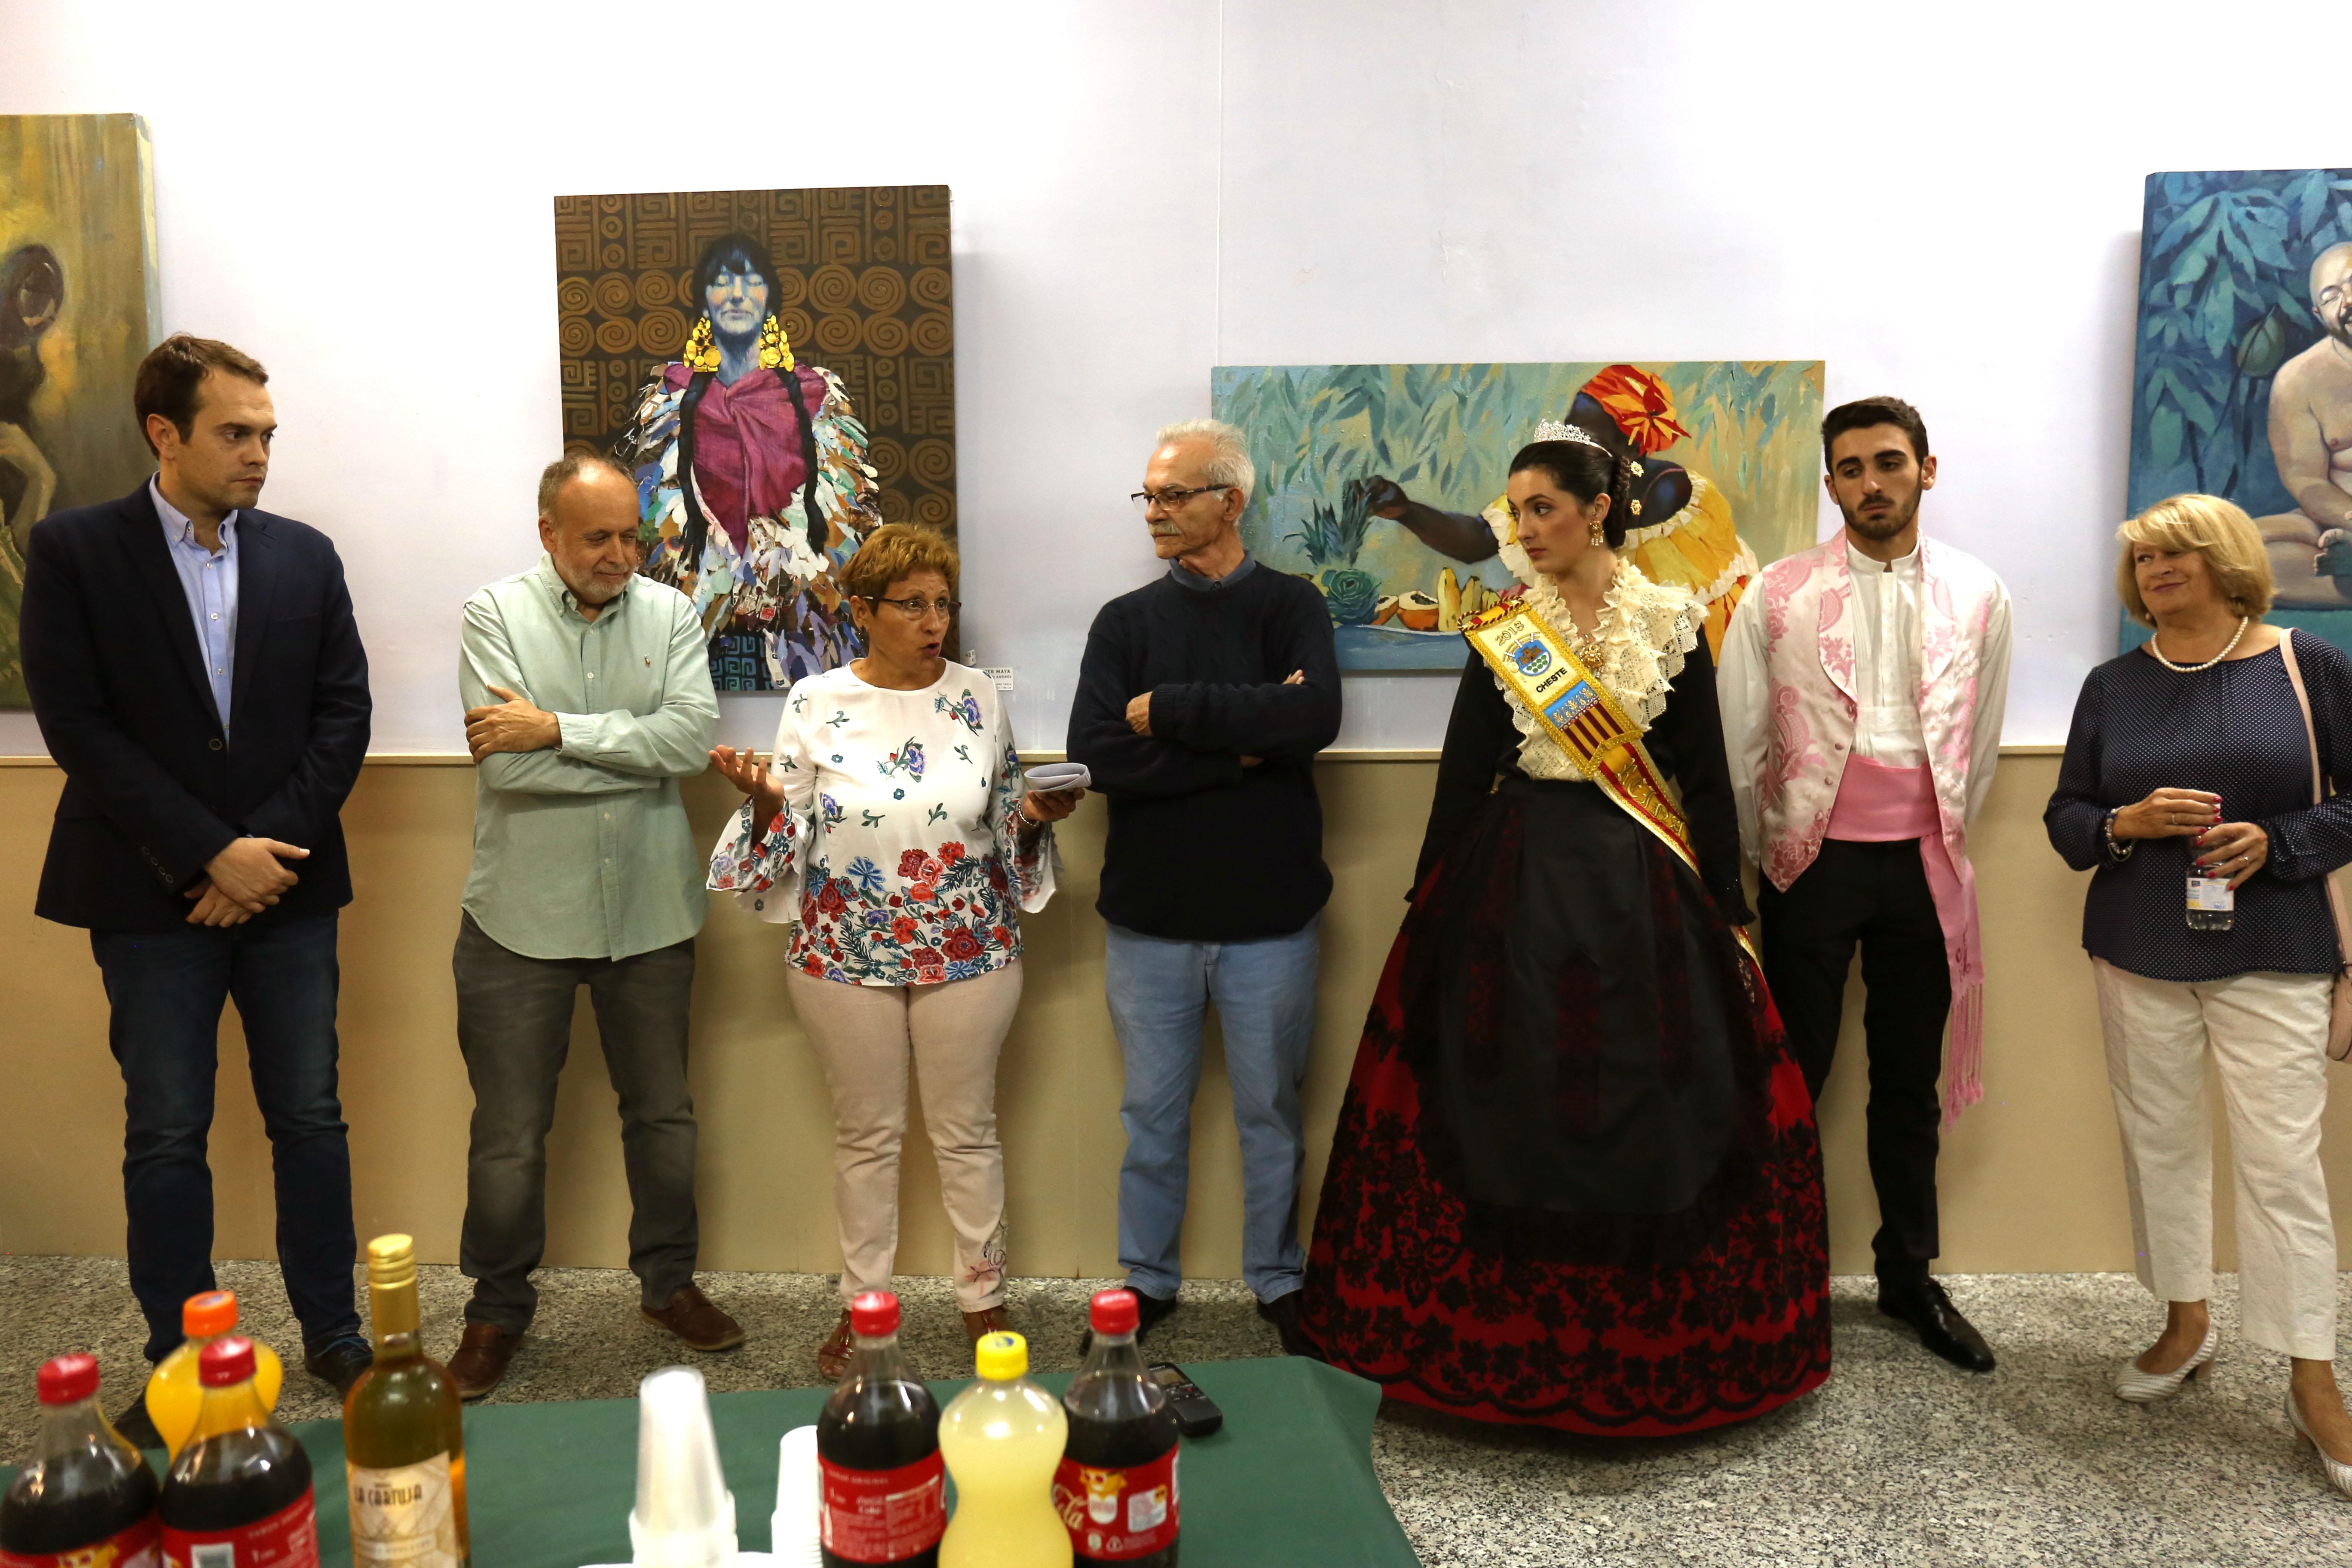 Francisco Farinós y José Pedro Andrés presentan su obra pictórica en el Teatro Liceo de Cheste.